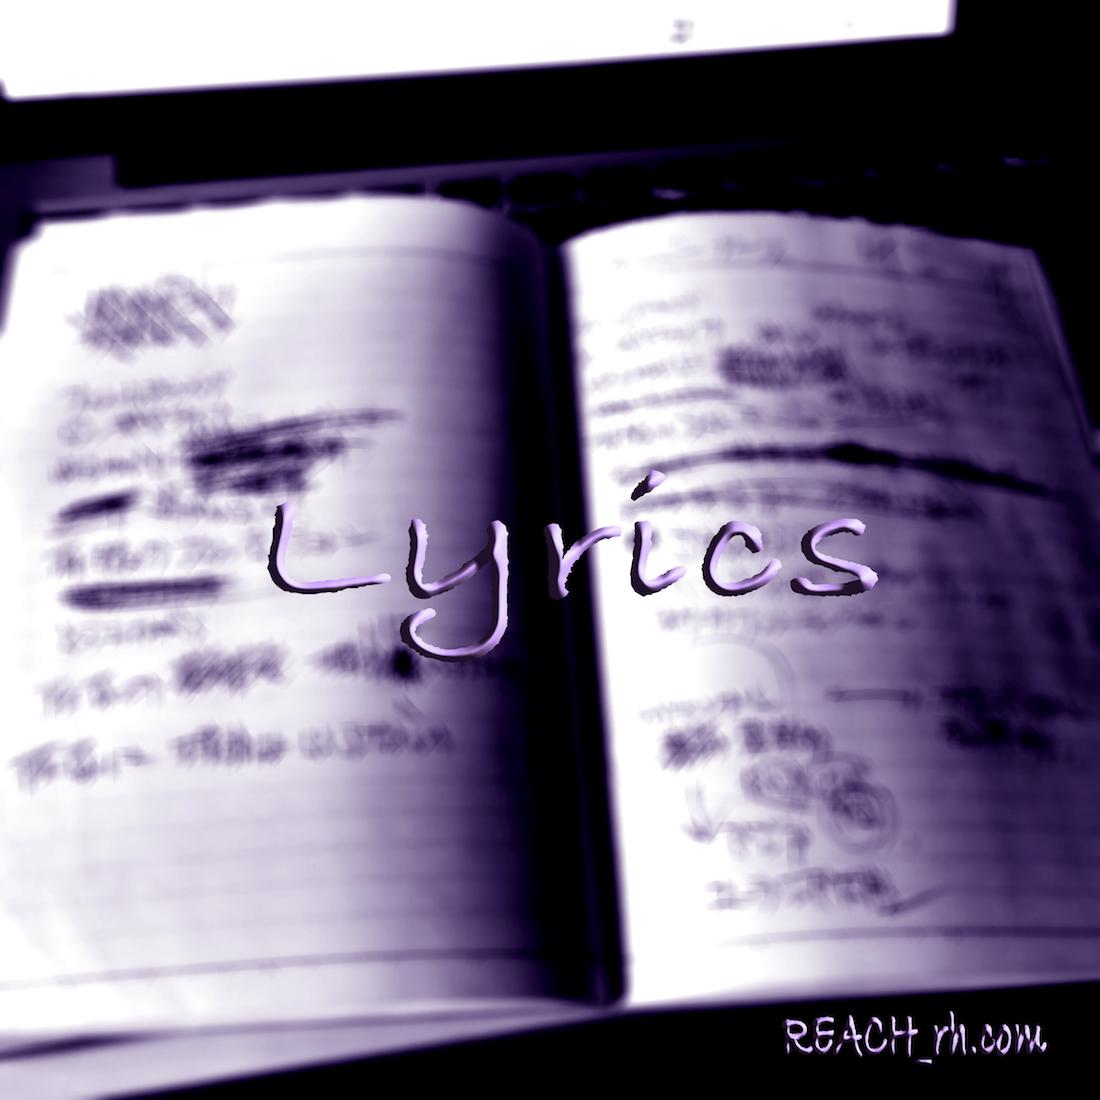 Lyrics_02